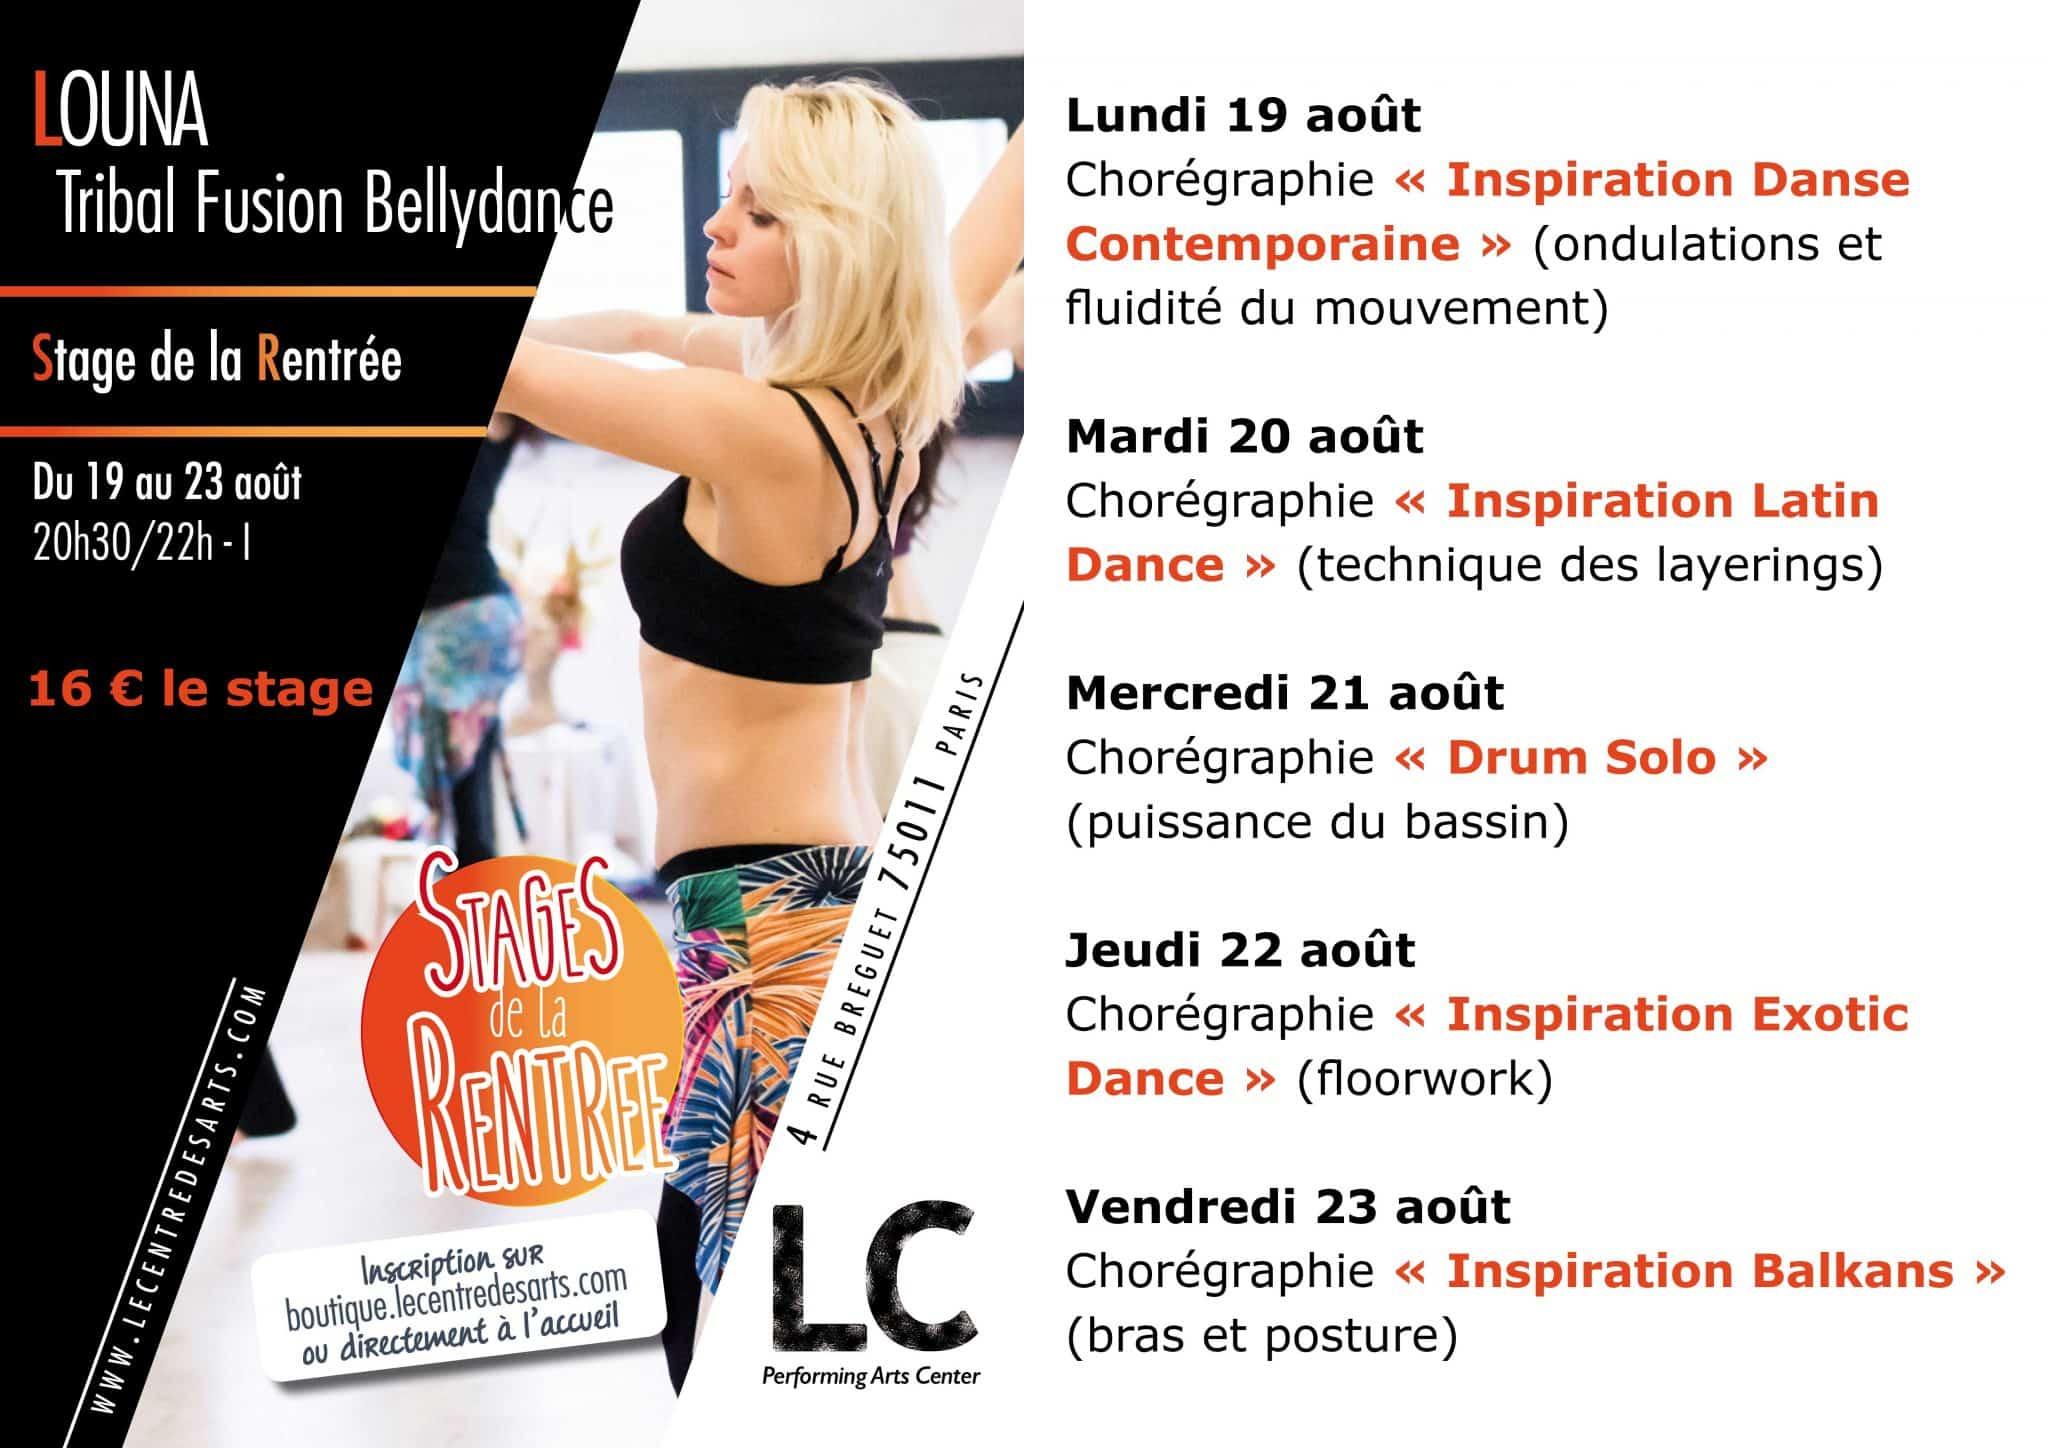 Affiche stages de la rentrée Louna